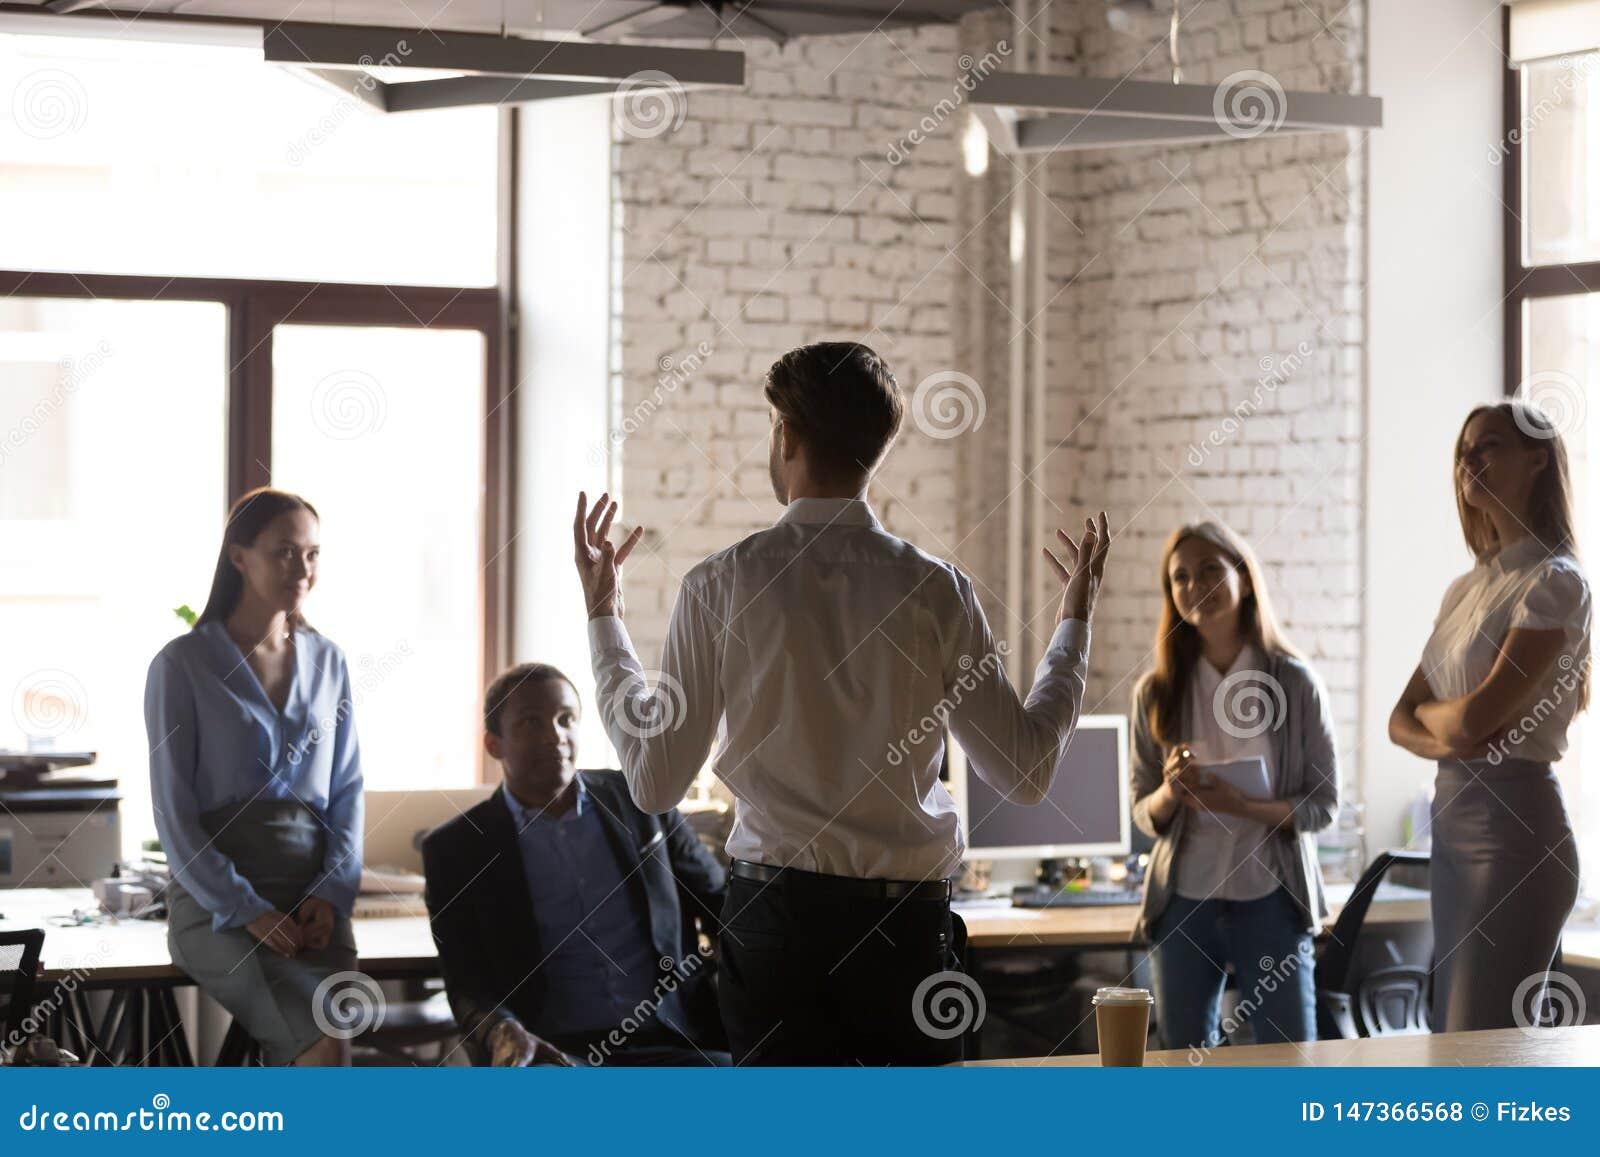 Hörender Teamleiter der verschiedenen Angestellten während der Anweisung